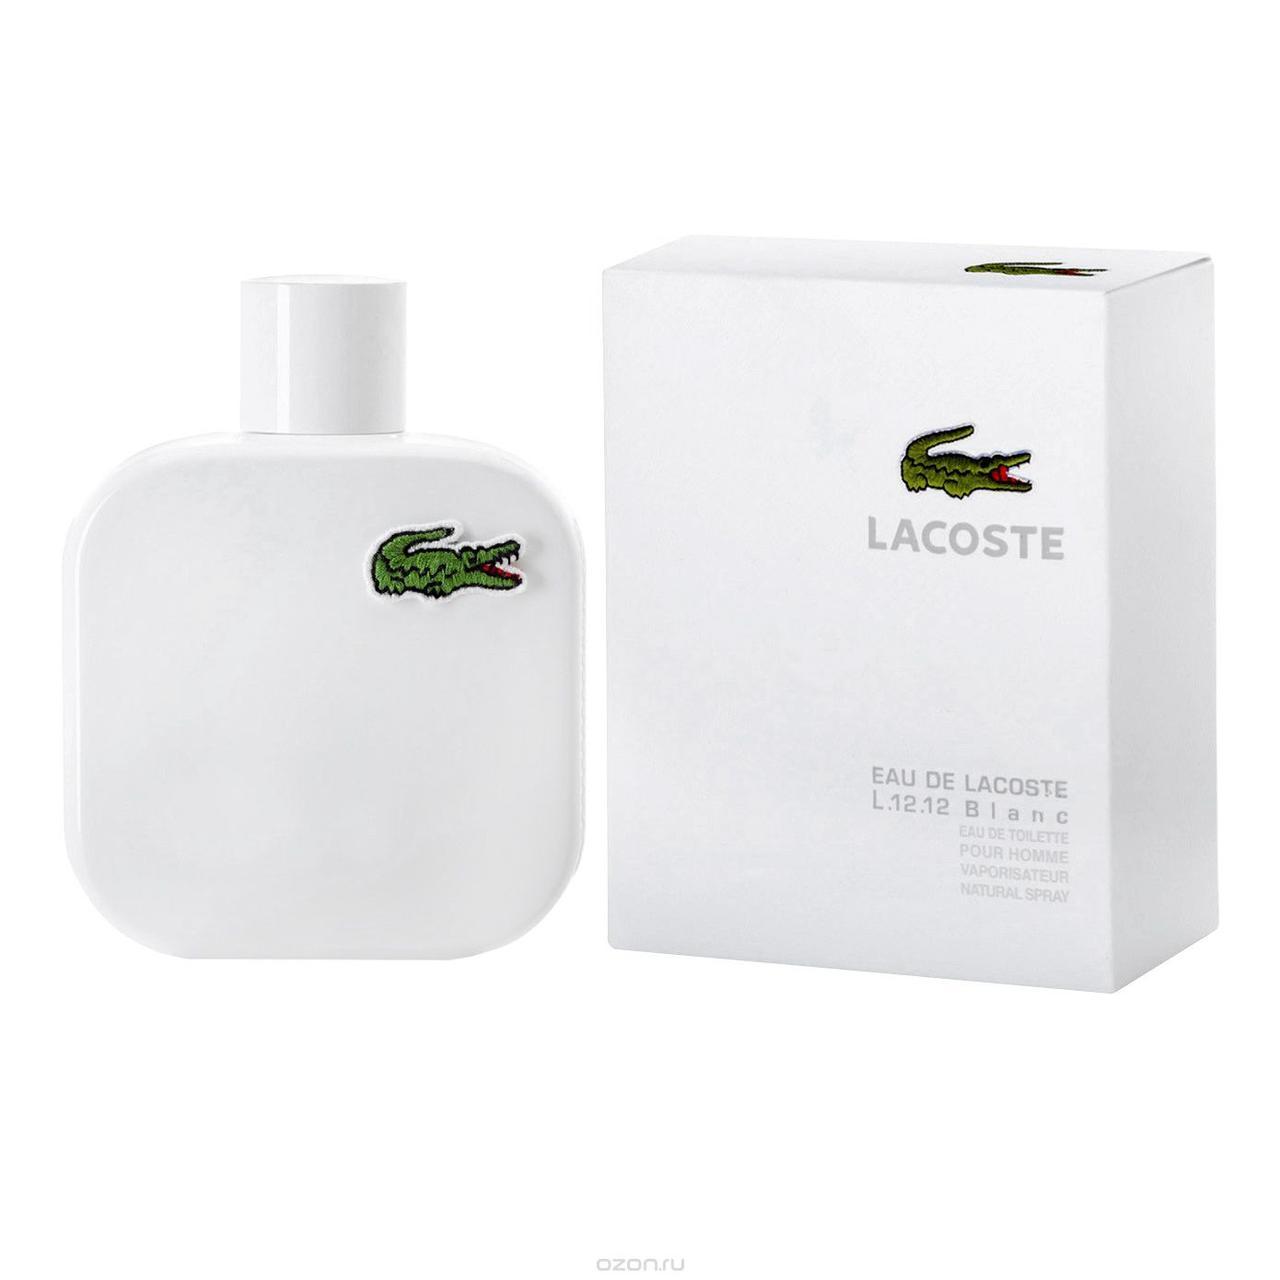 Lacoste Eau De L.12.12 Blanc Pour Homme 30ml